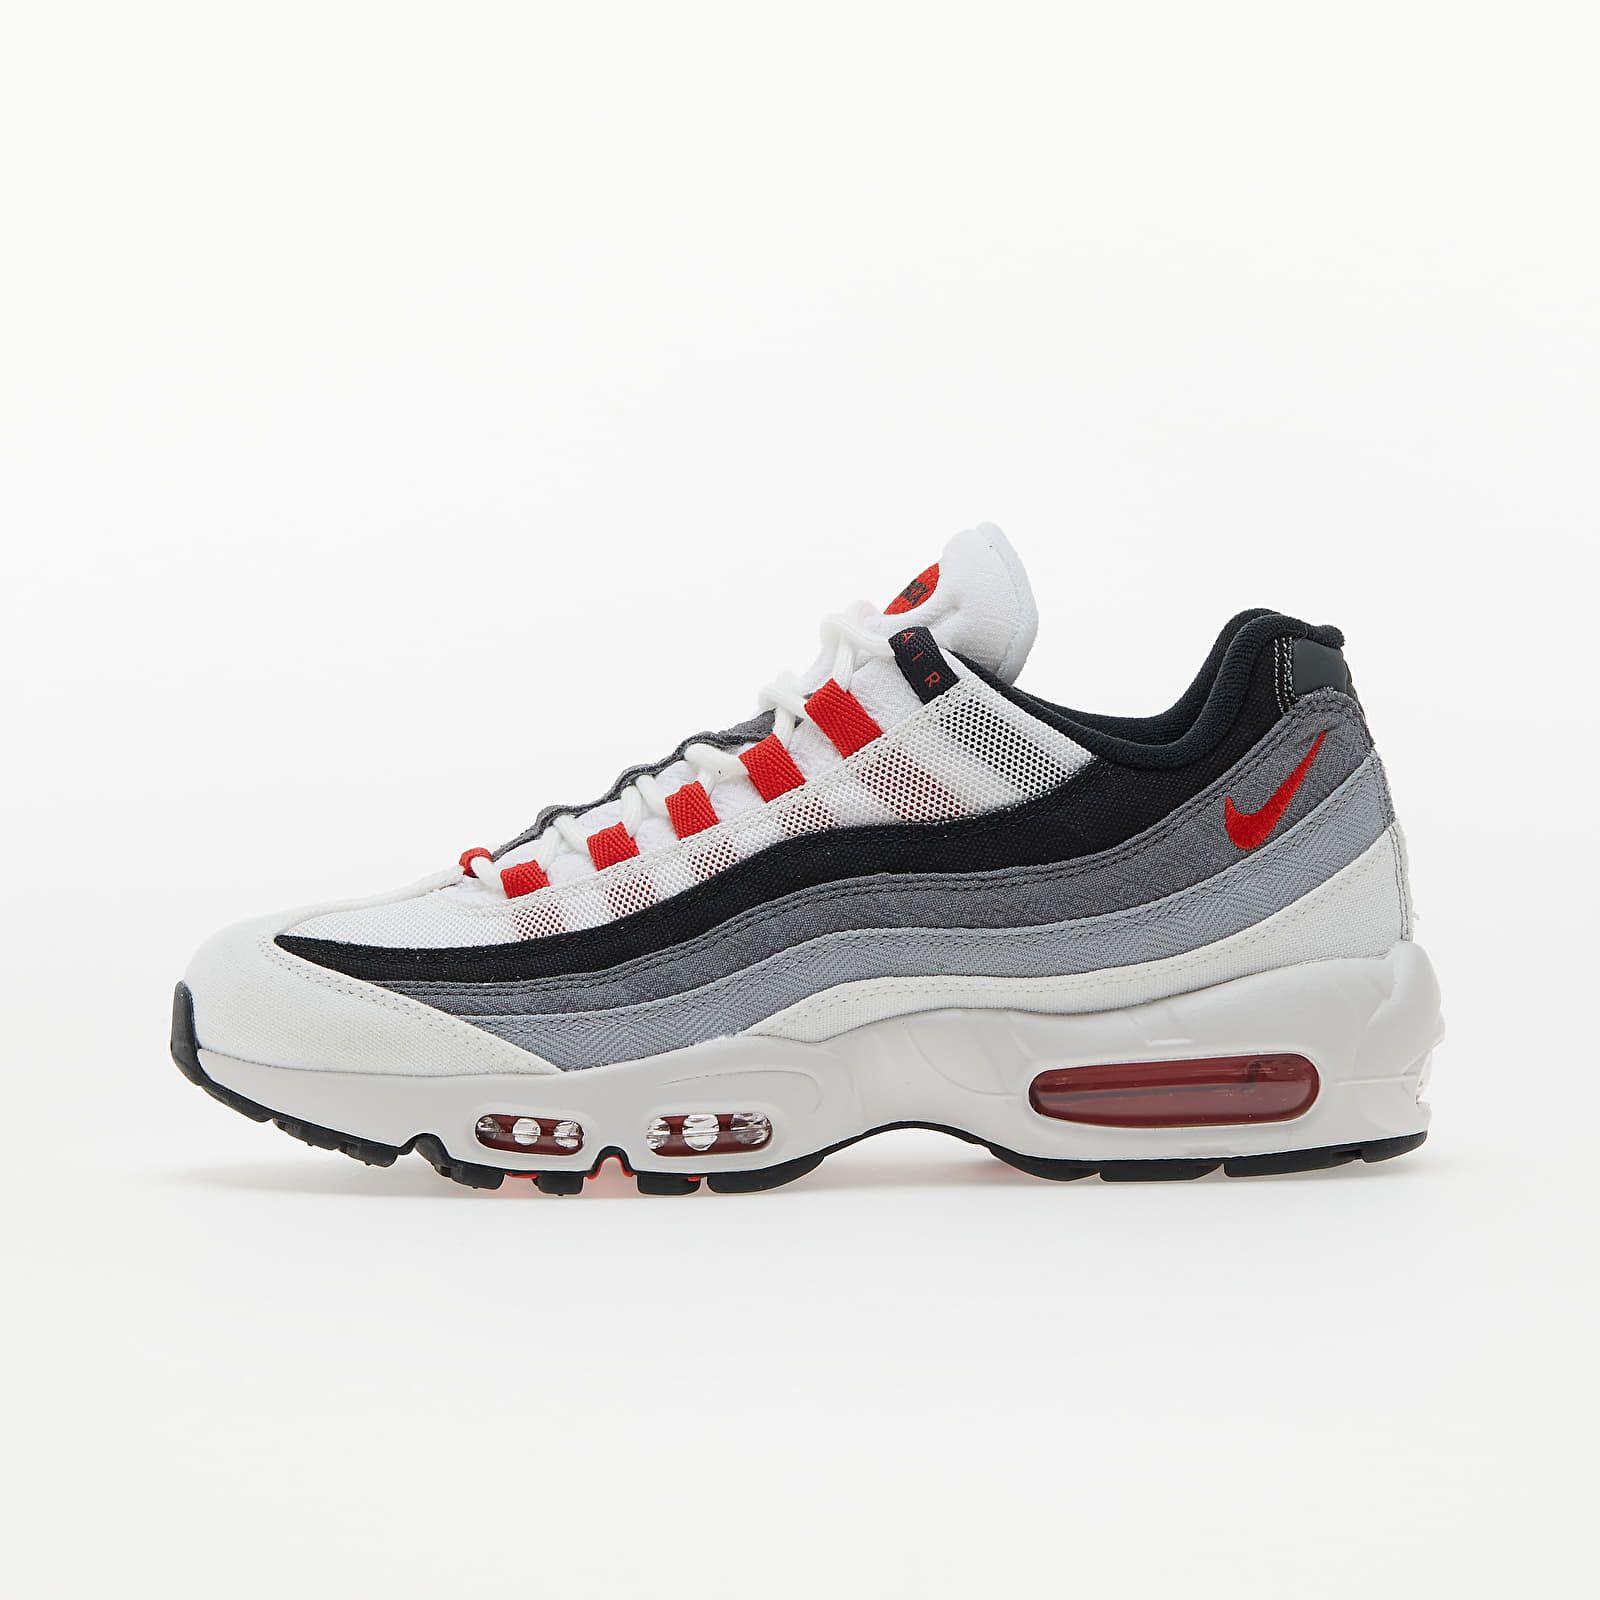 10 teniskových noviniek od značky Nike, ktoré potešia fanúšikov modelov Air Force 1 aj Air Max 95